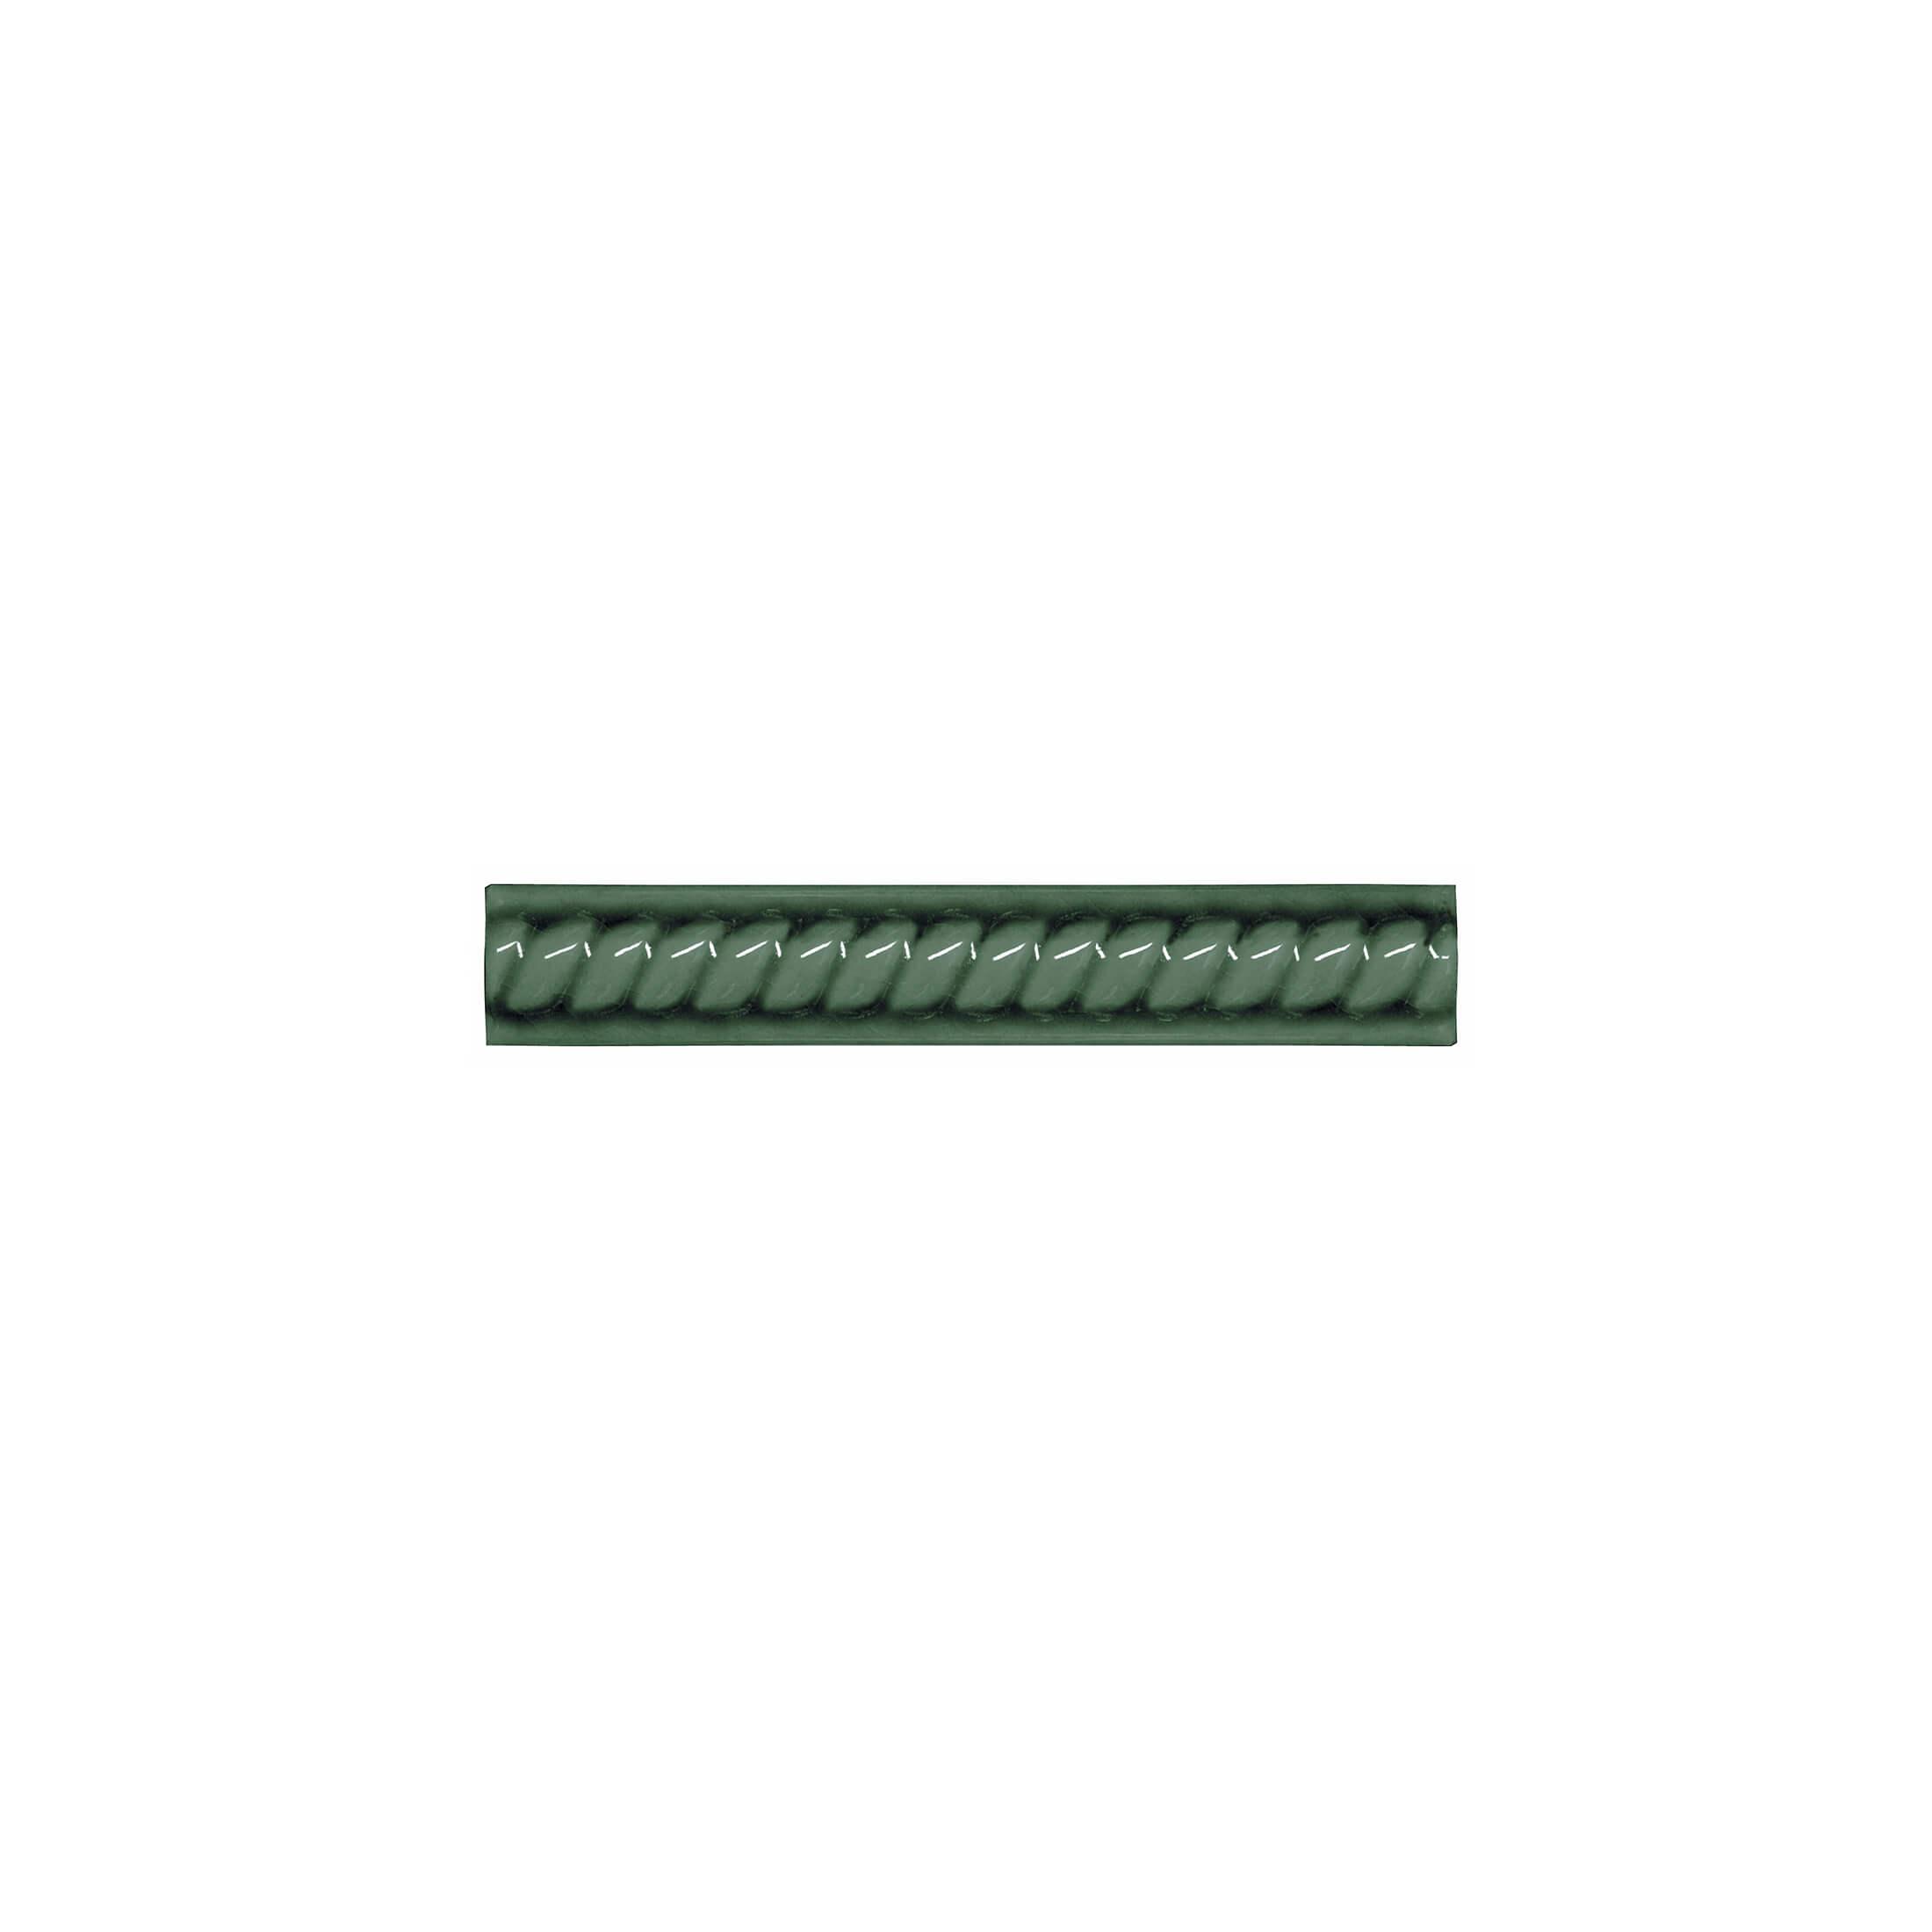 ADMO5188 - TRENZA PB C/C - 2.5 cm X 15 cm